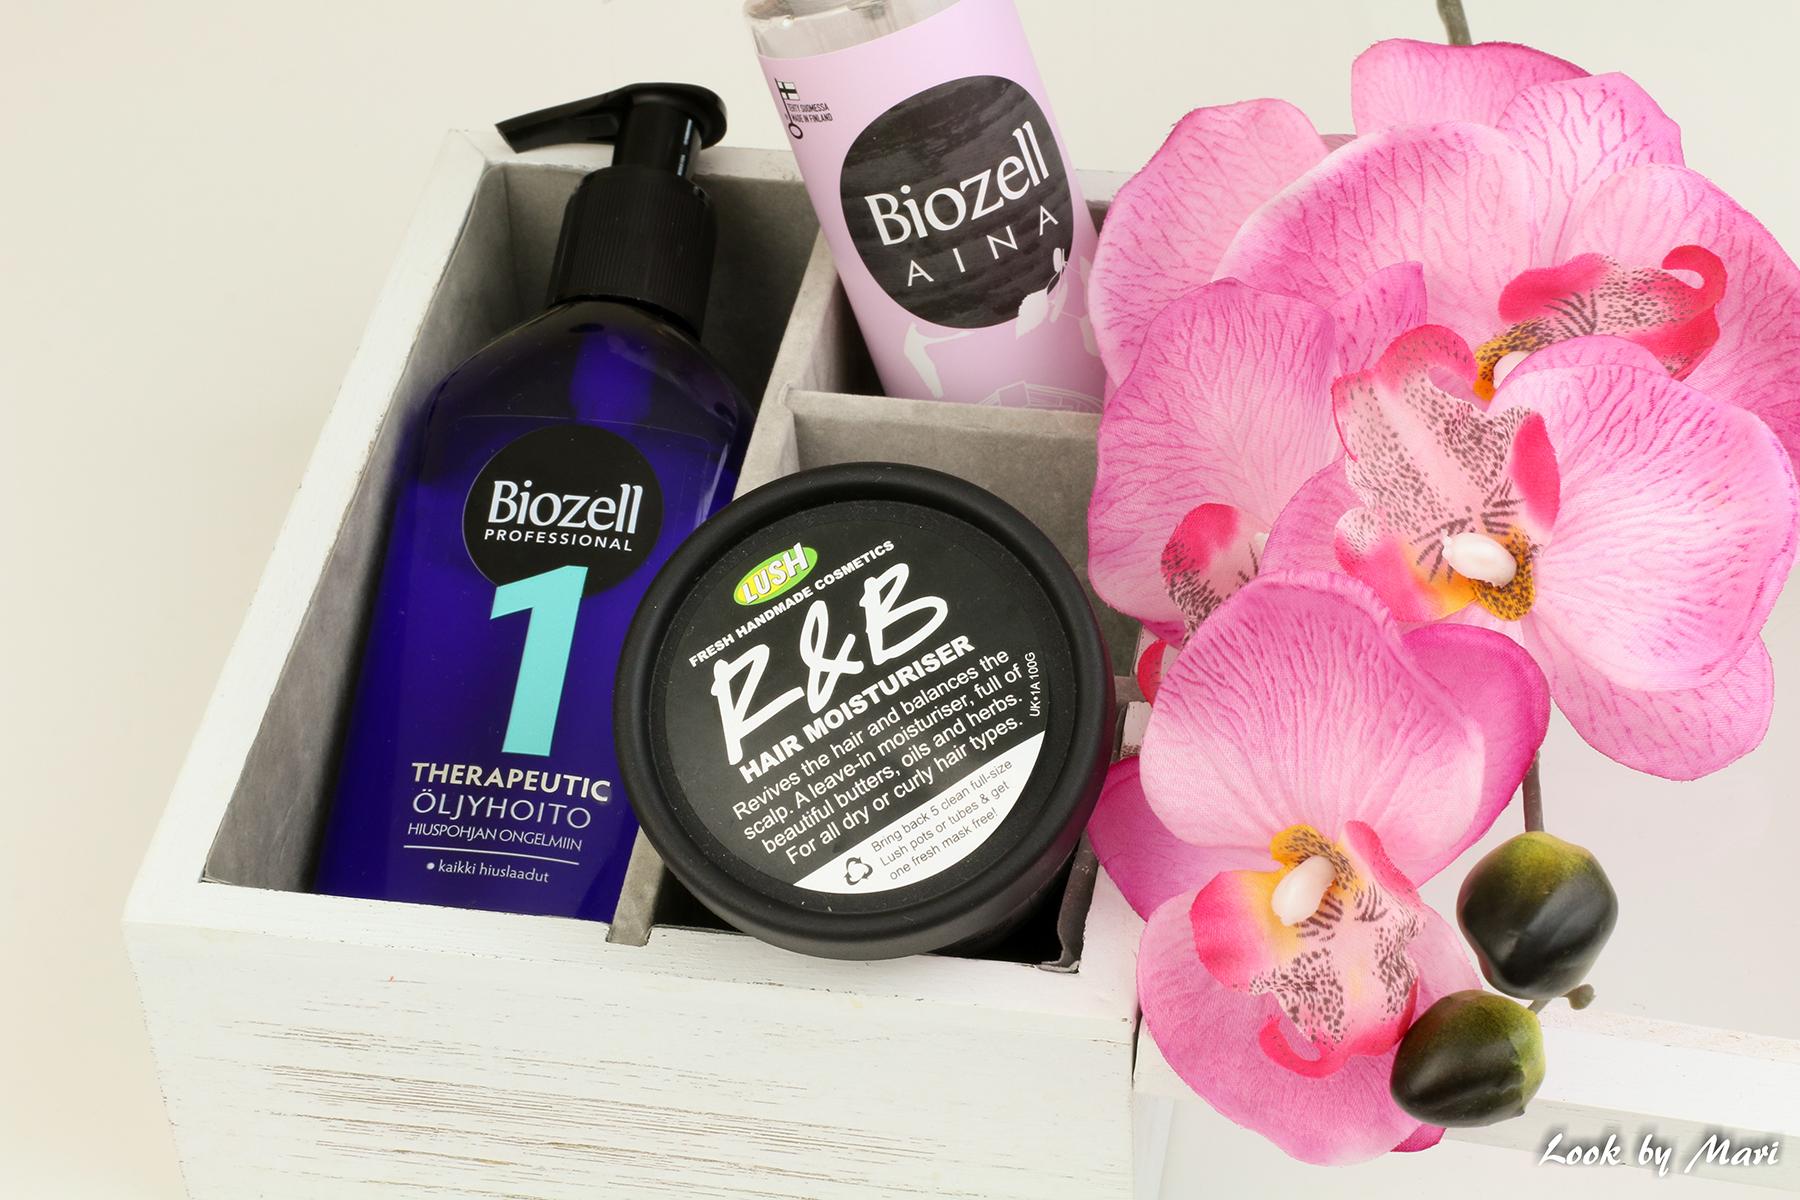 7 biozell therapeutic öljyhoito hiuspohjan ongelmiin kokemuksia